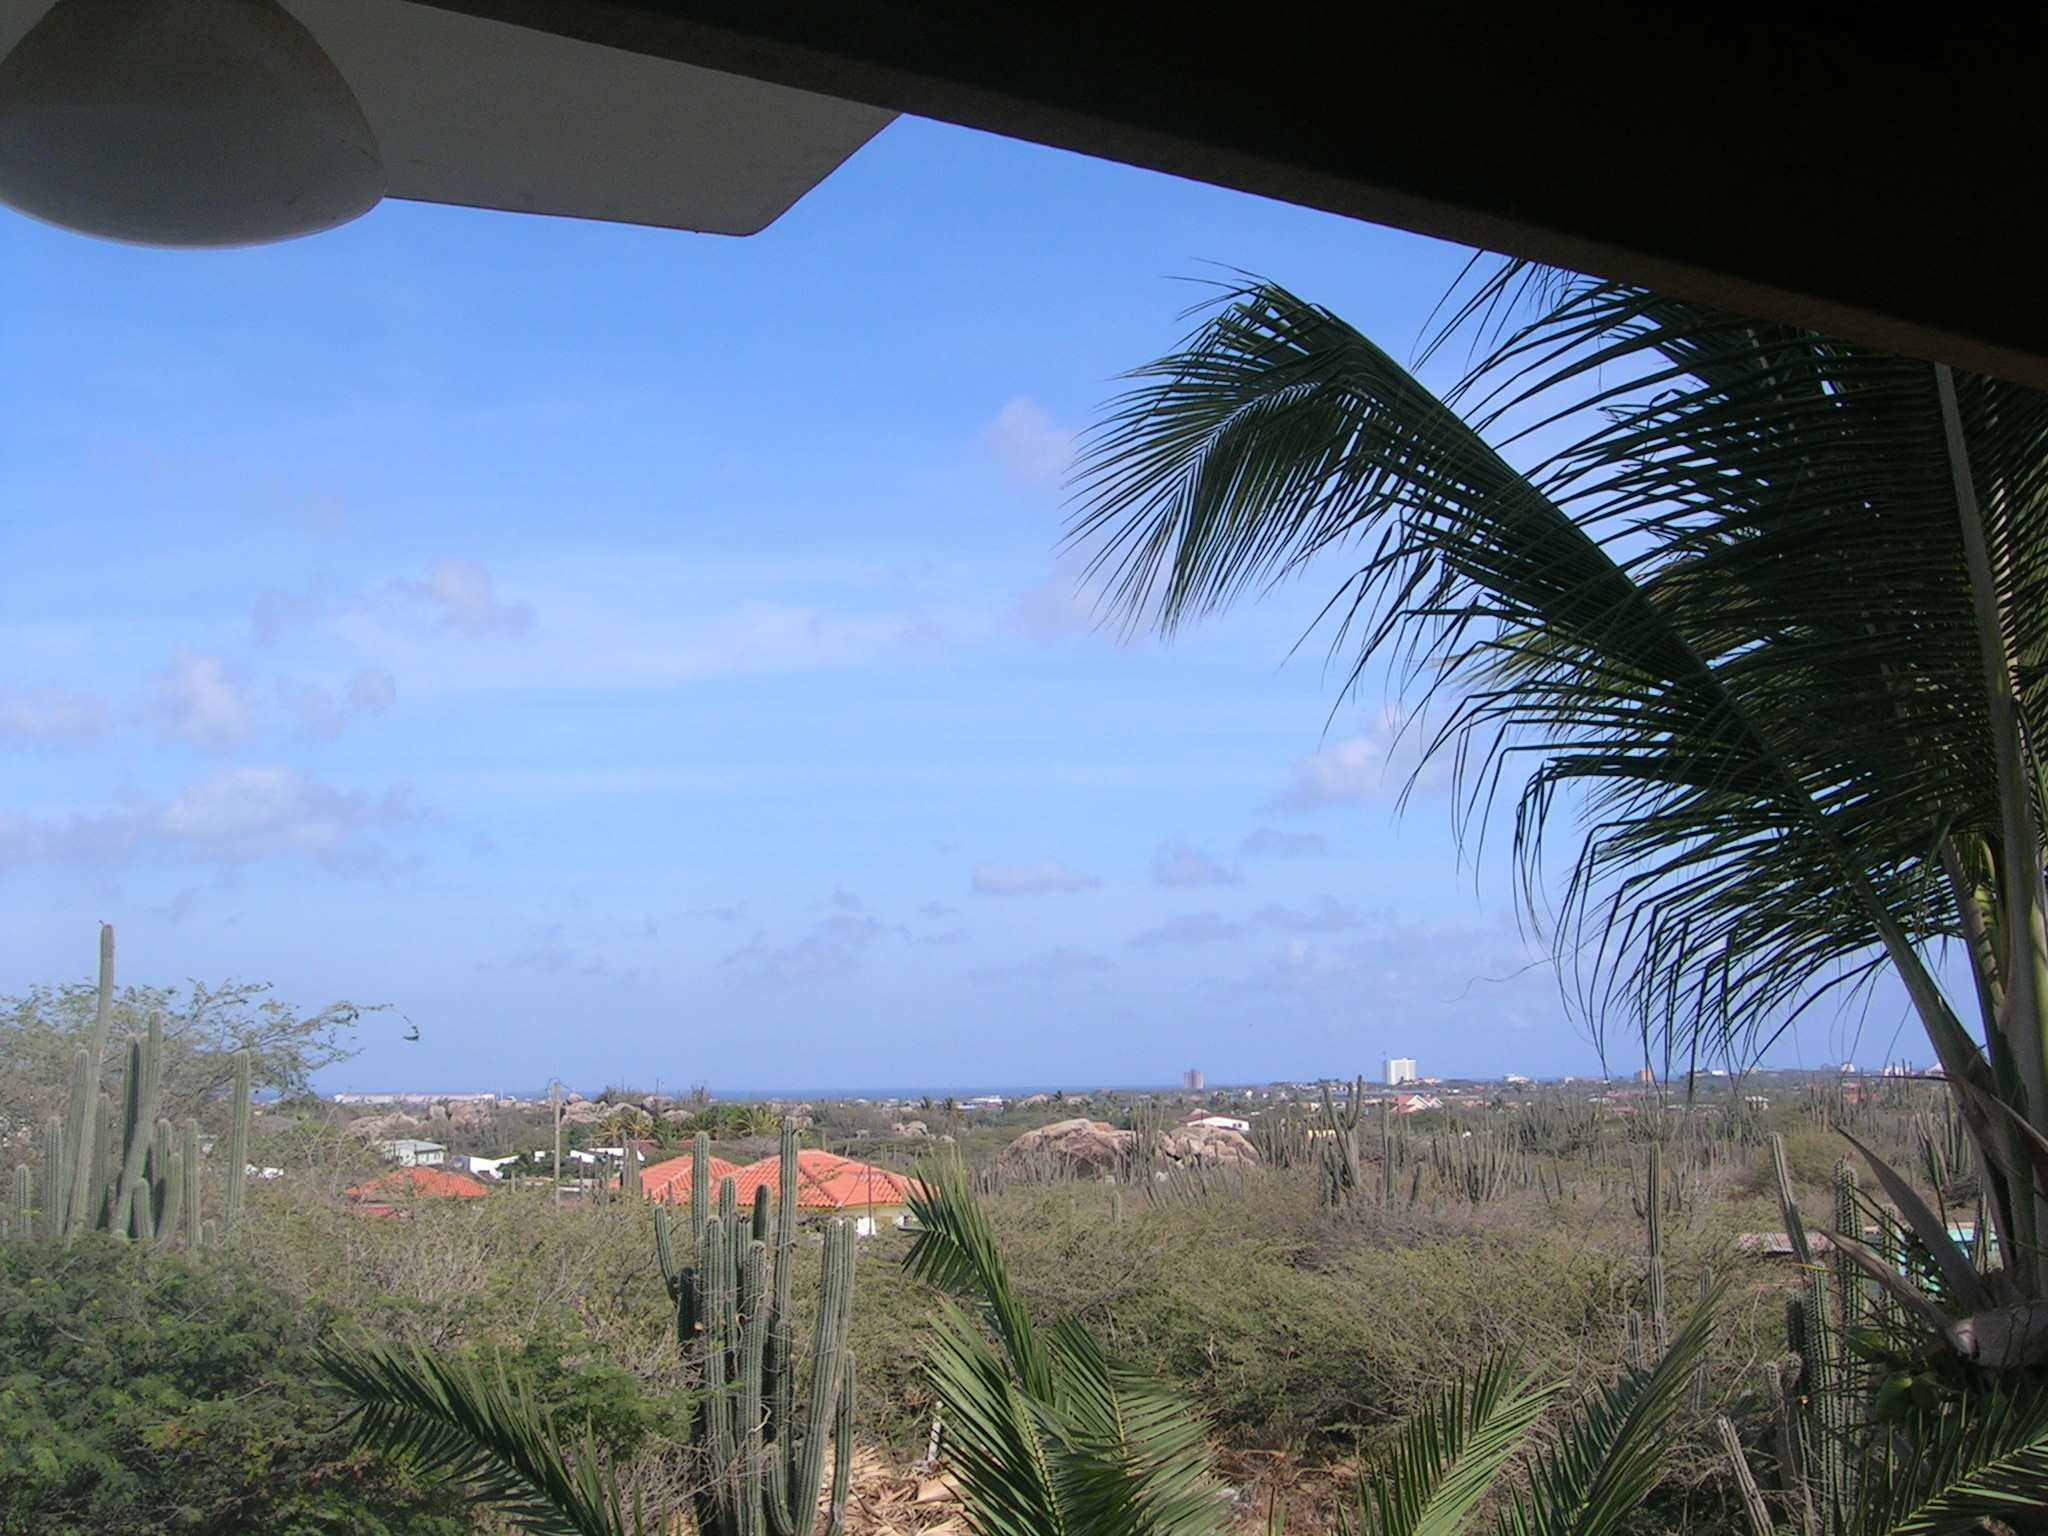 Luchthaven Aruba Weer Open Voor Toeristen!